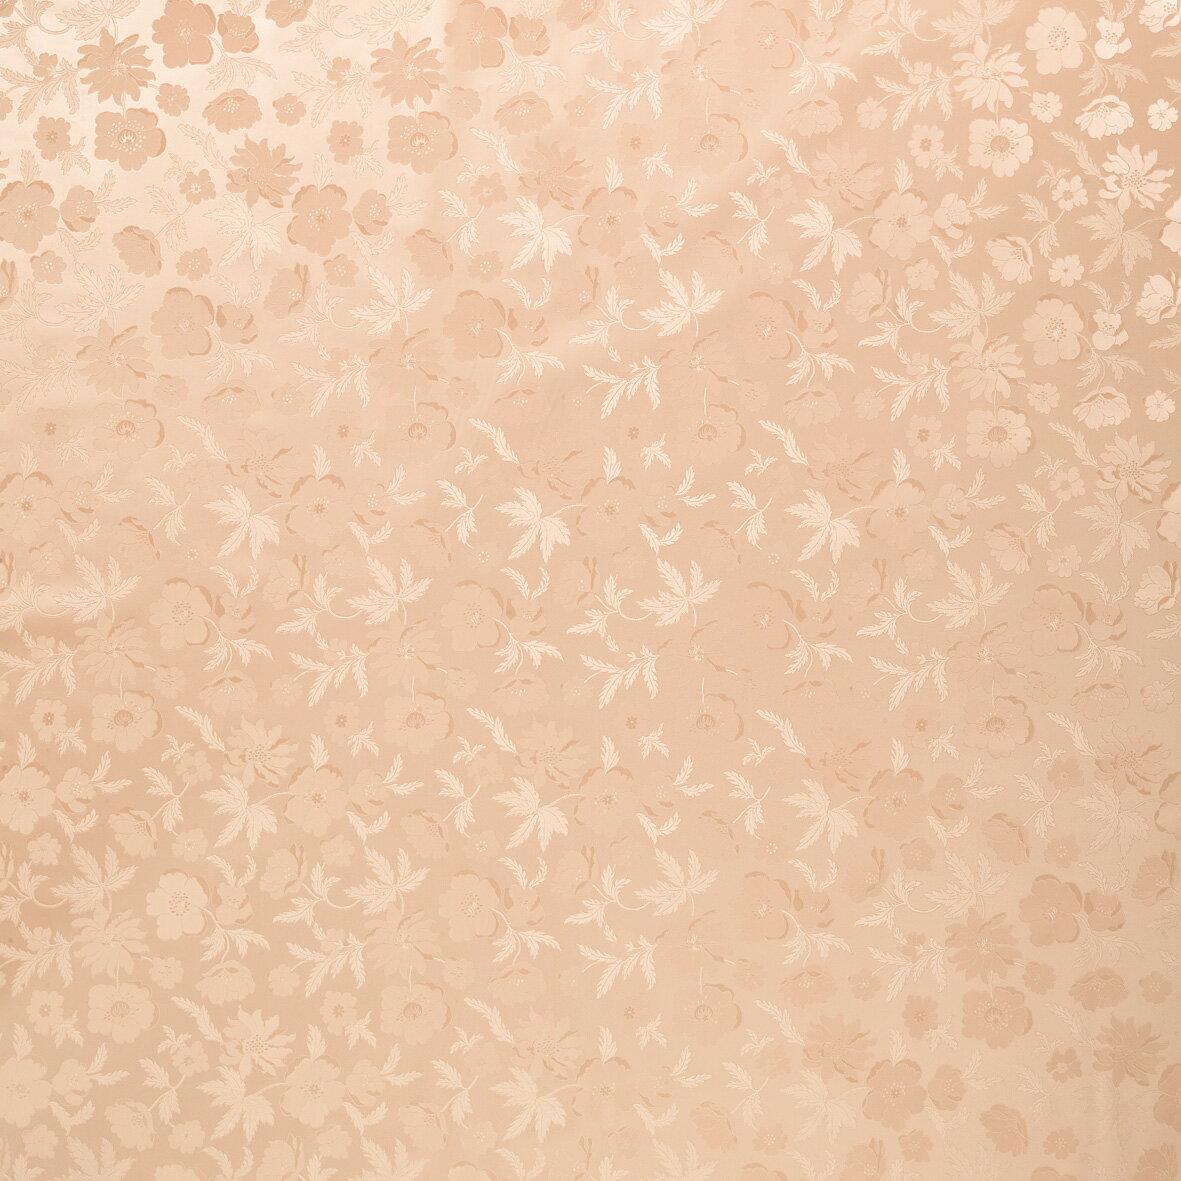 テーブルクロス ダイヤモンドシリーズ ピーチフラワー 67046 幅:140cm 10cm単位切売 商品番号:8647160 【送料別】【通常配送】